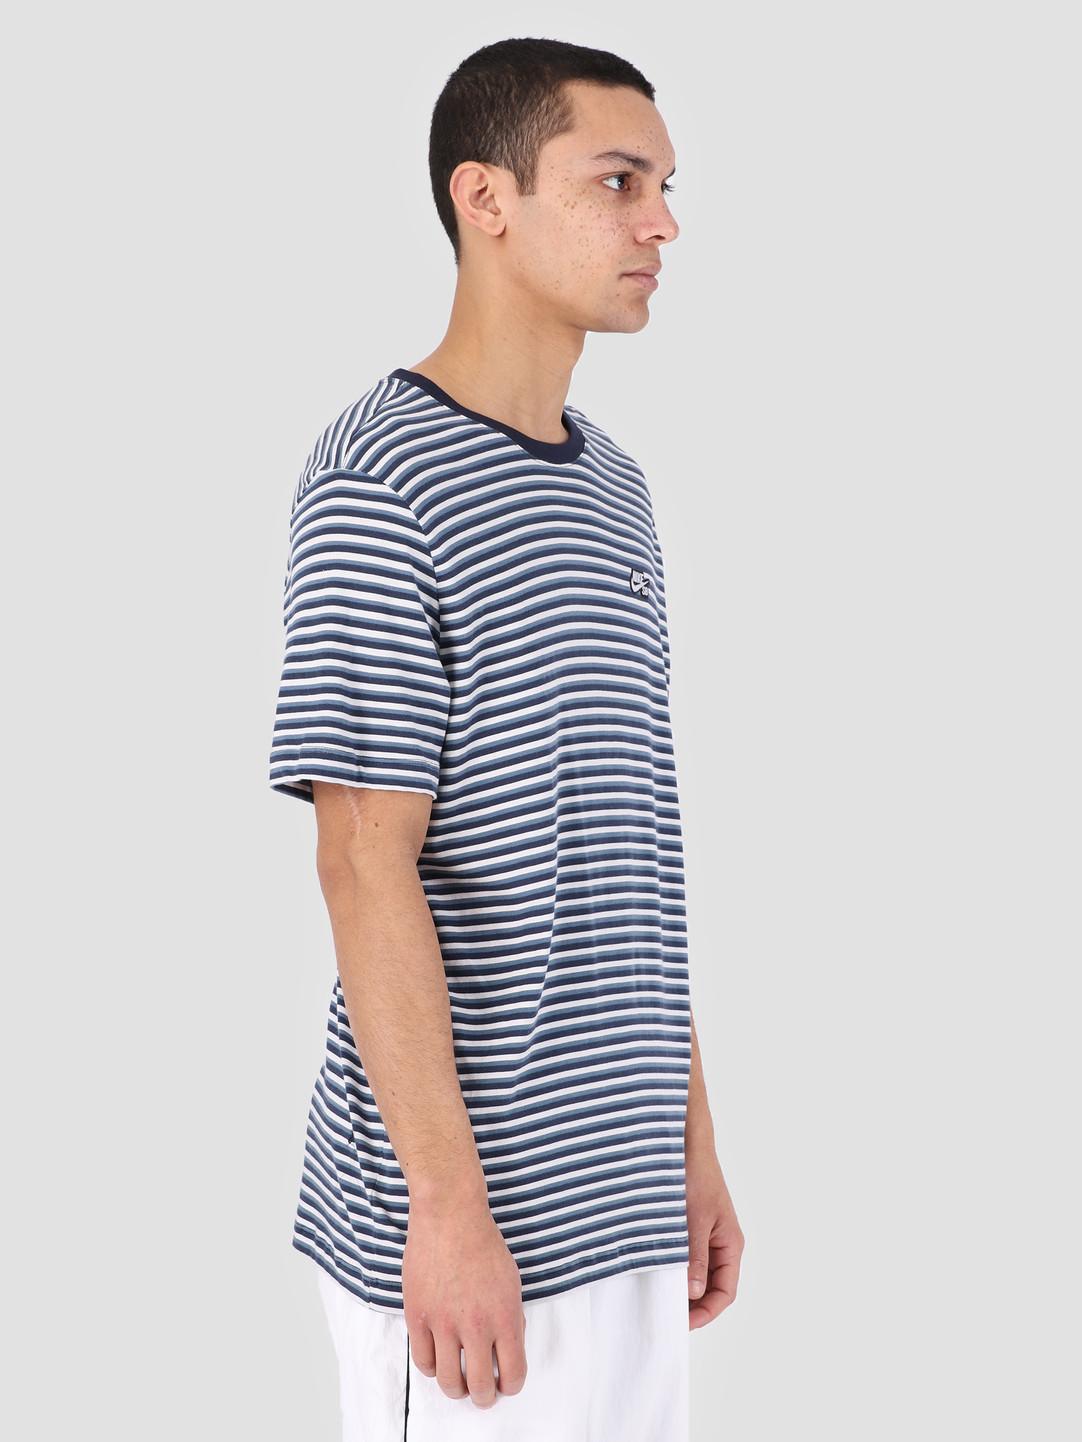 Nike Nike SB T-Shirt White Obsidian White Ao0392-102